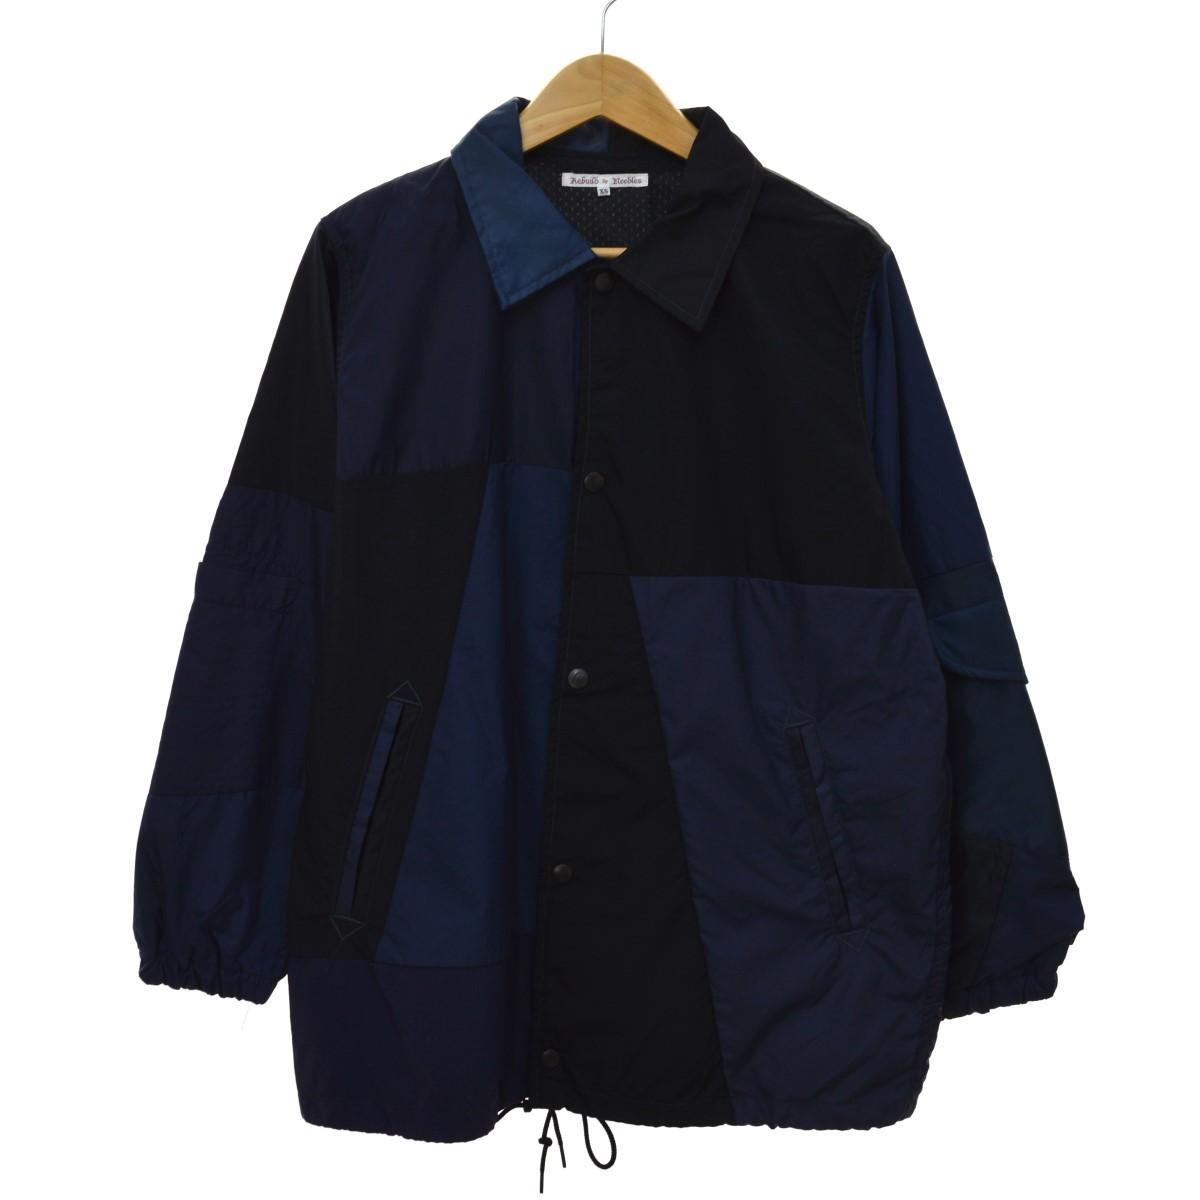 【中古】REBUILD BY NEEDLES 19SS Nylon Jacket-Coach Jacket ブルゾン ネイビー サイズ:XS 【300420】(リビルドバイニードルズ)